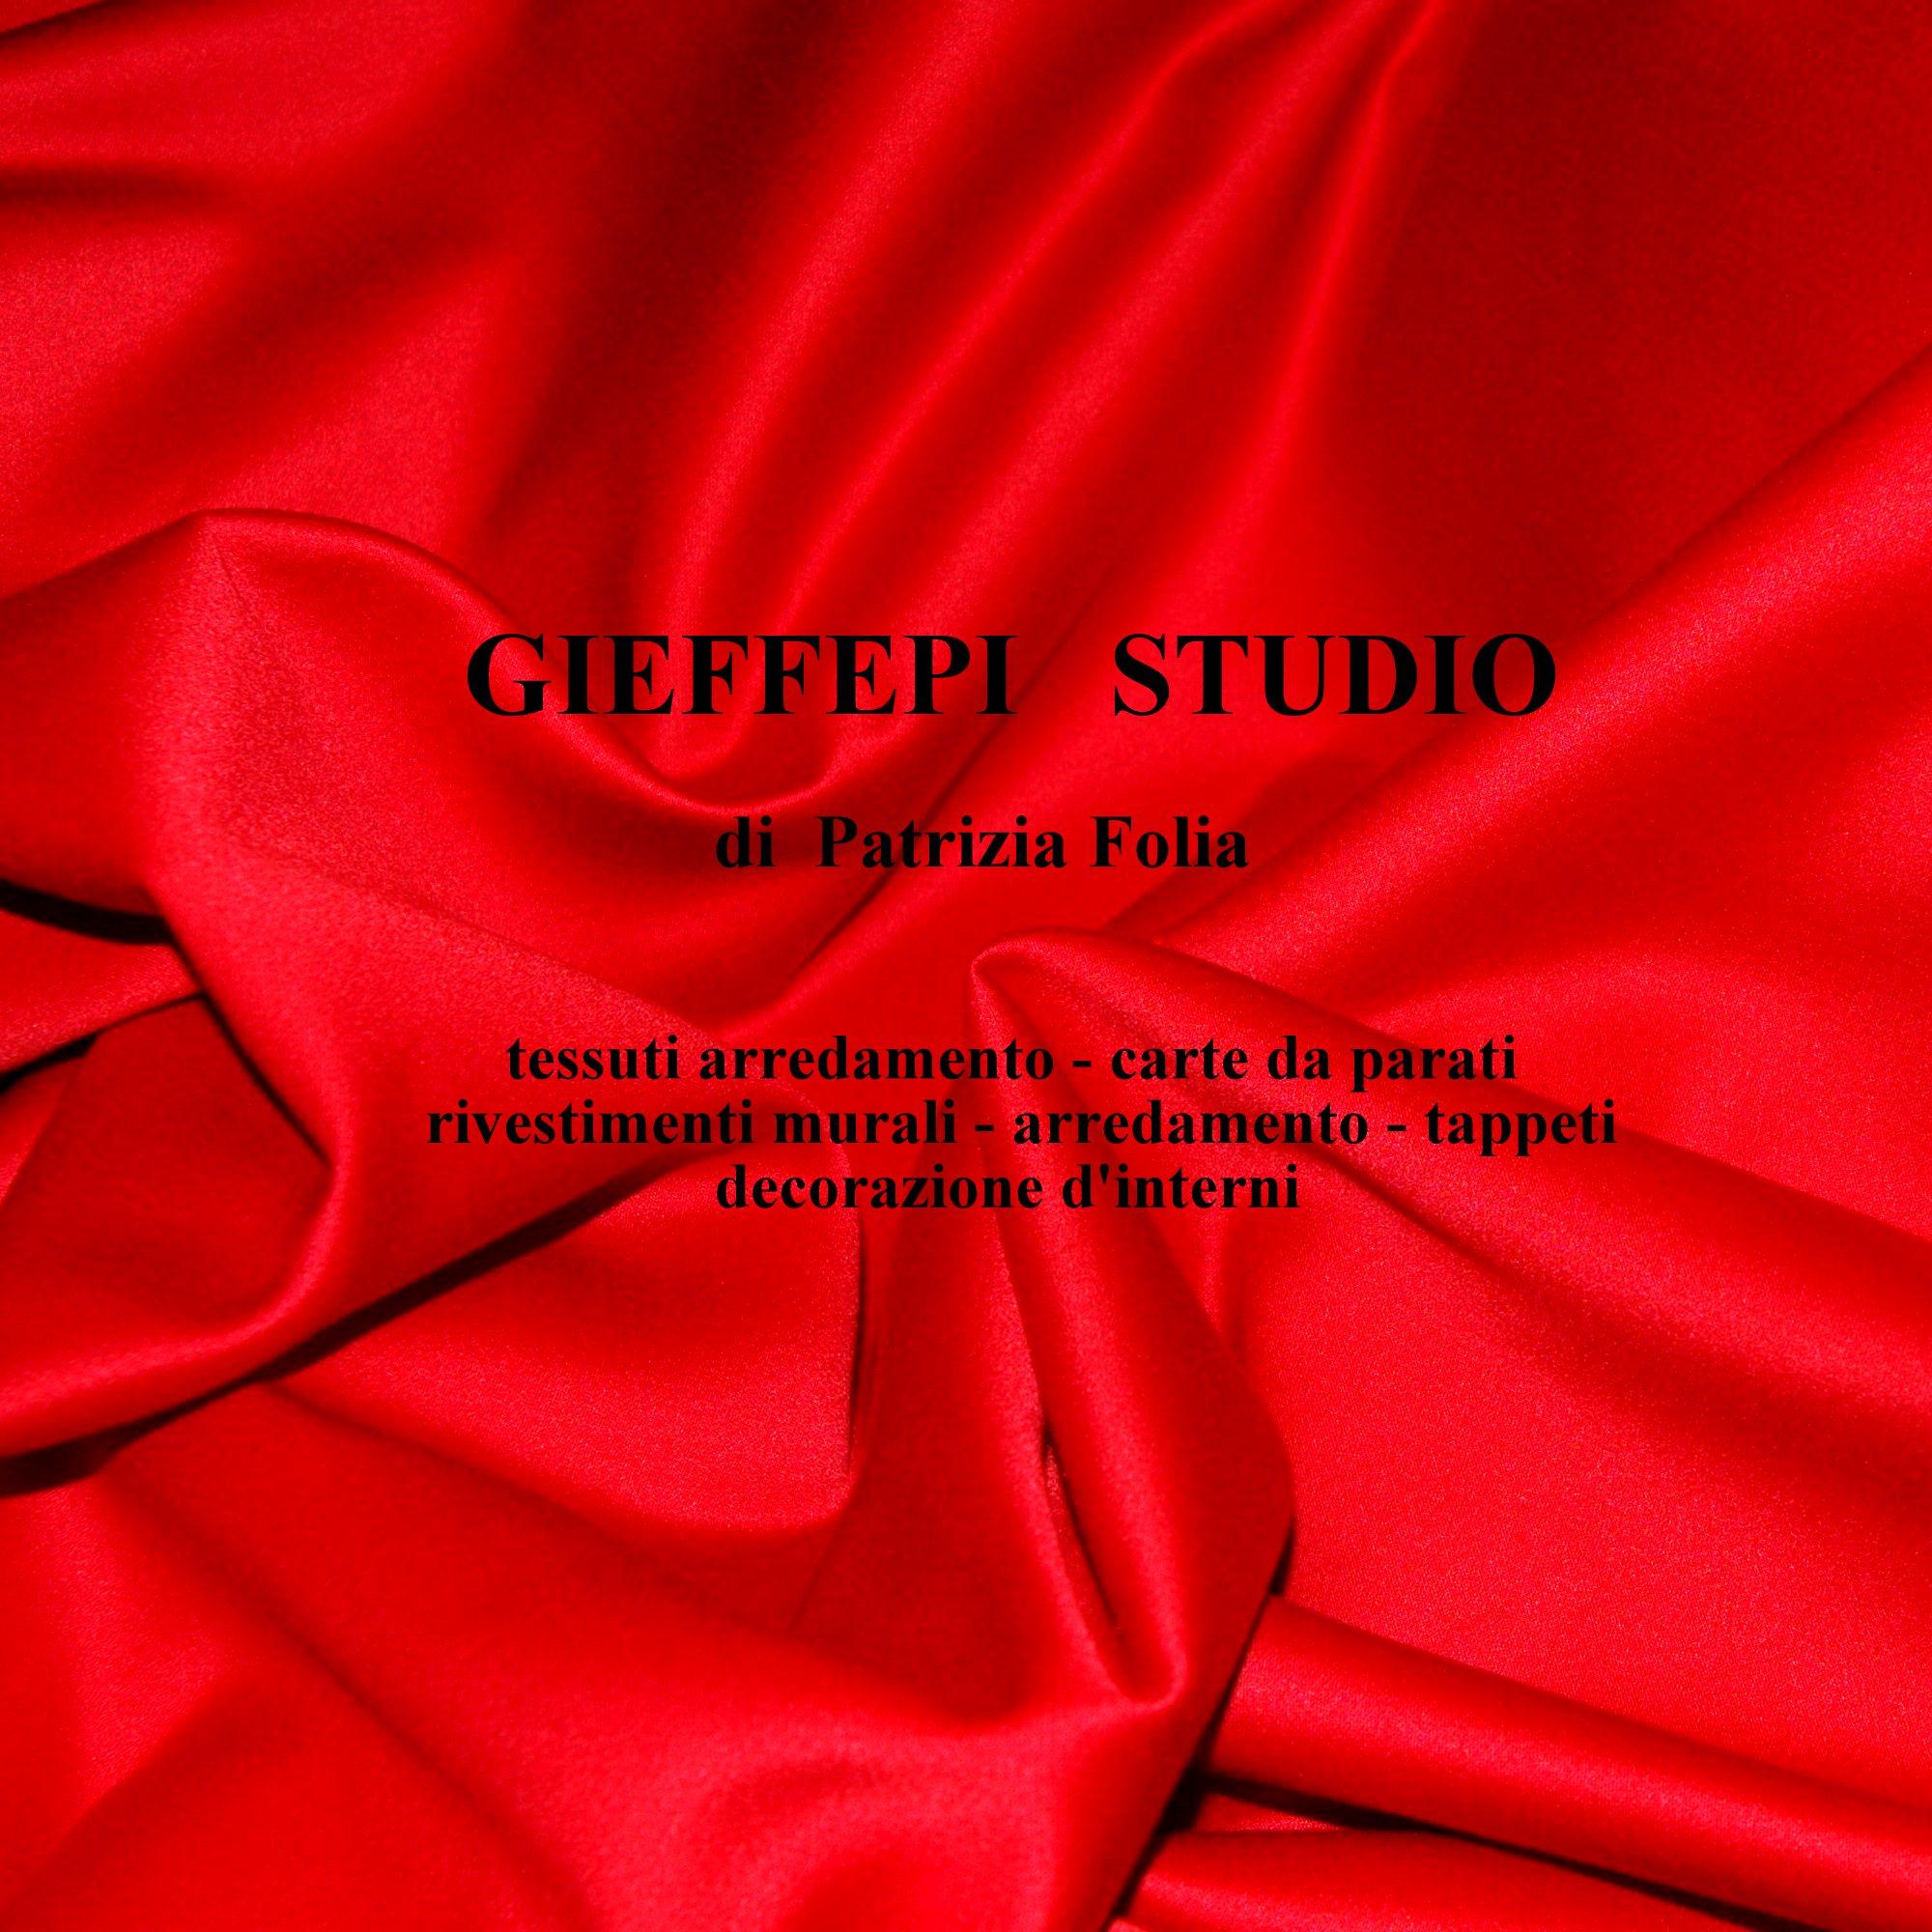 Gieffepi Studio Di Patrizia Folia